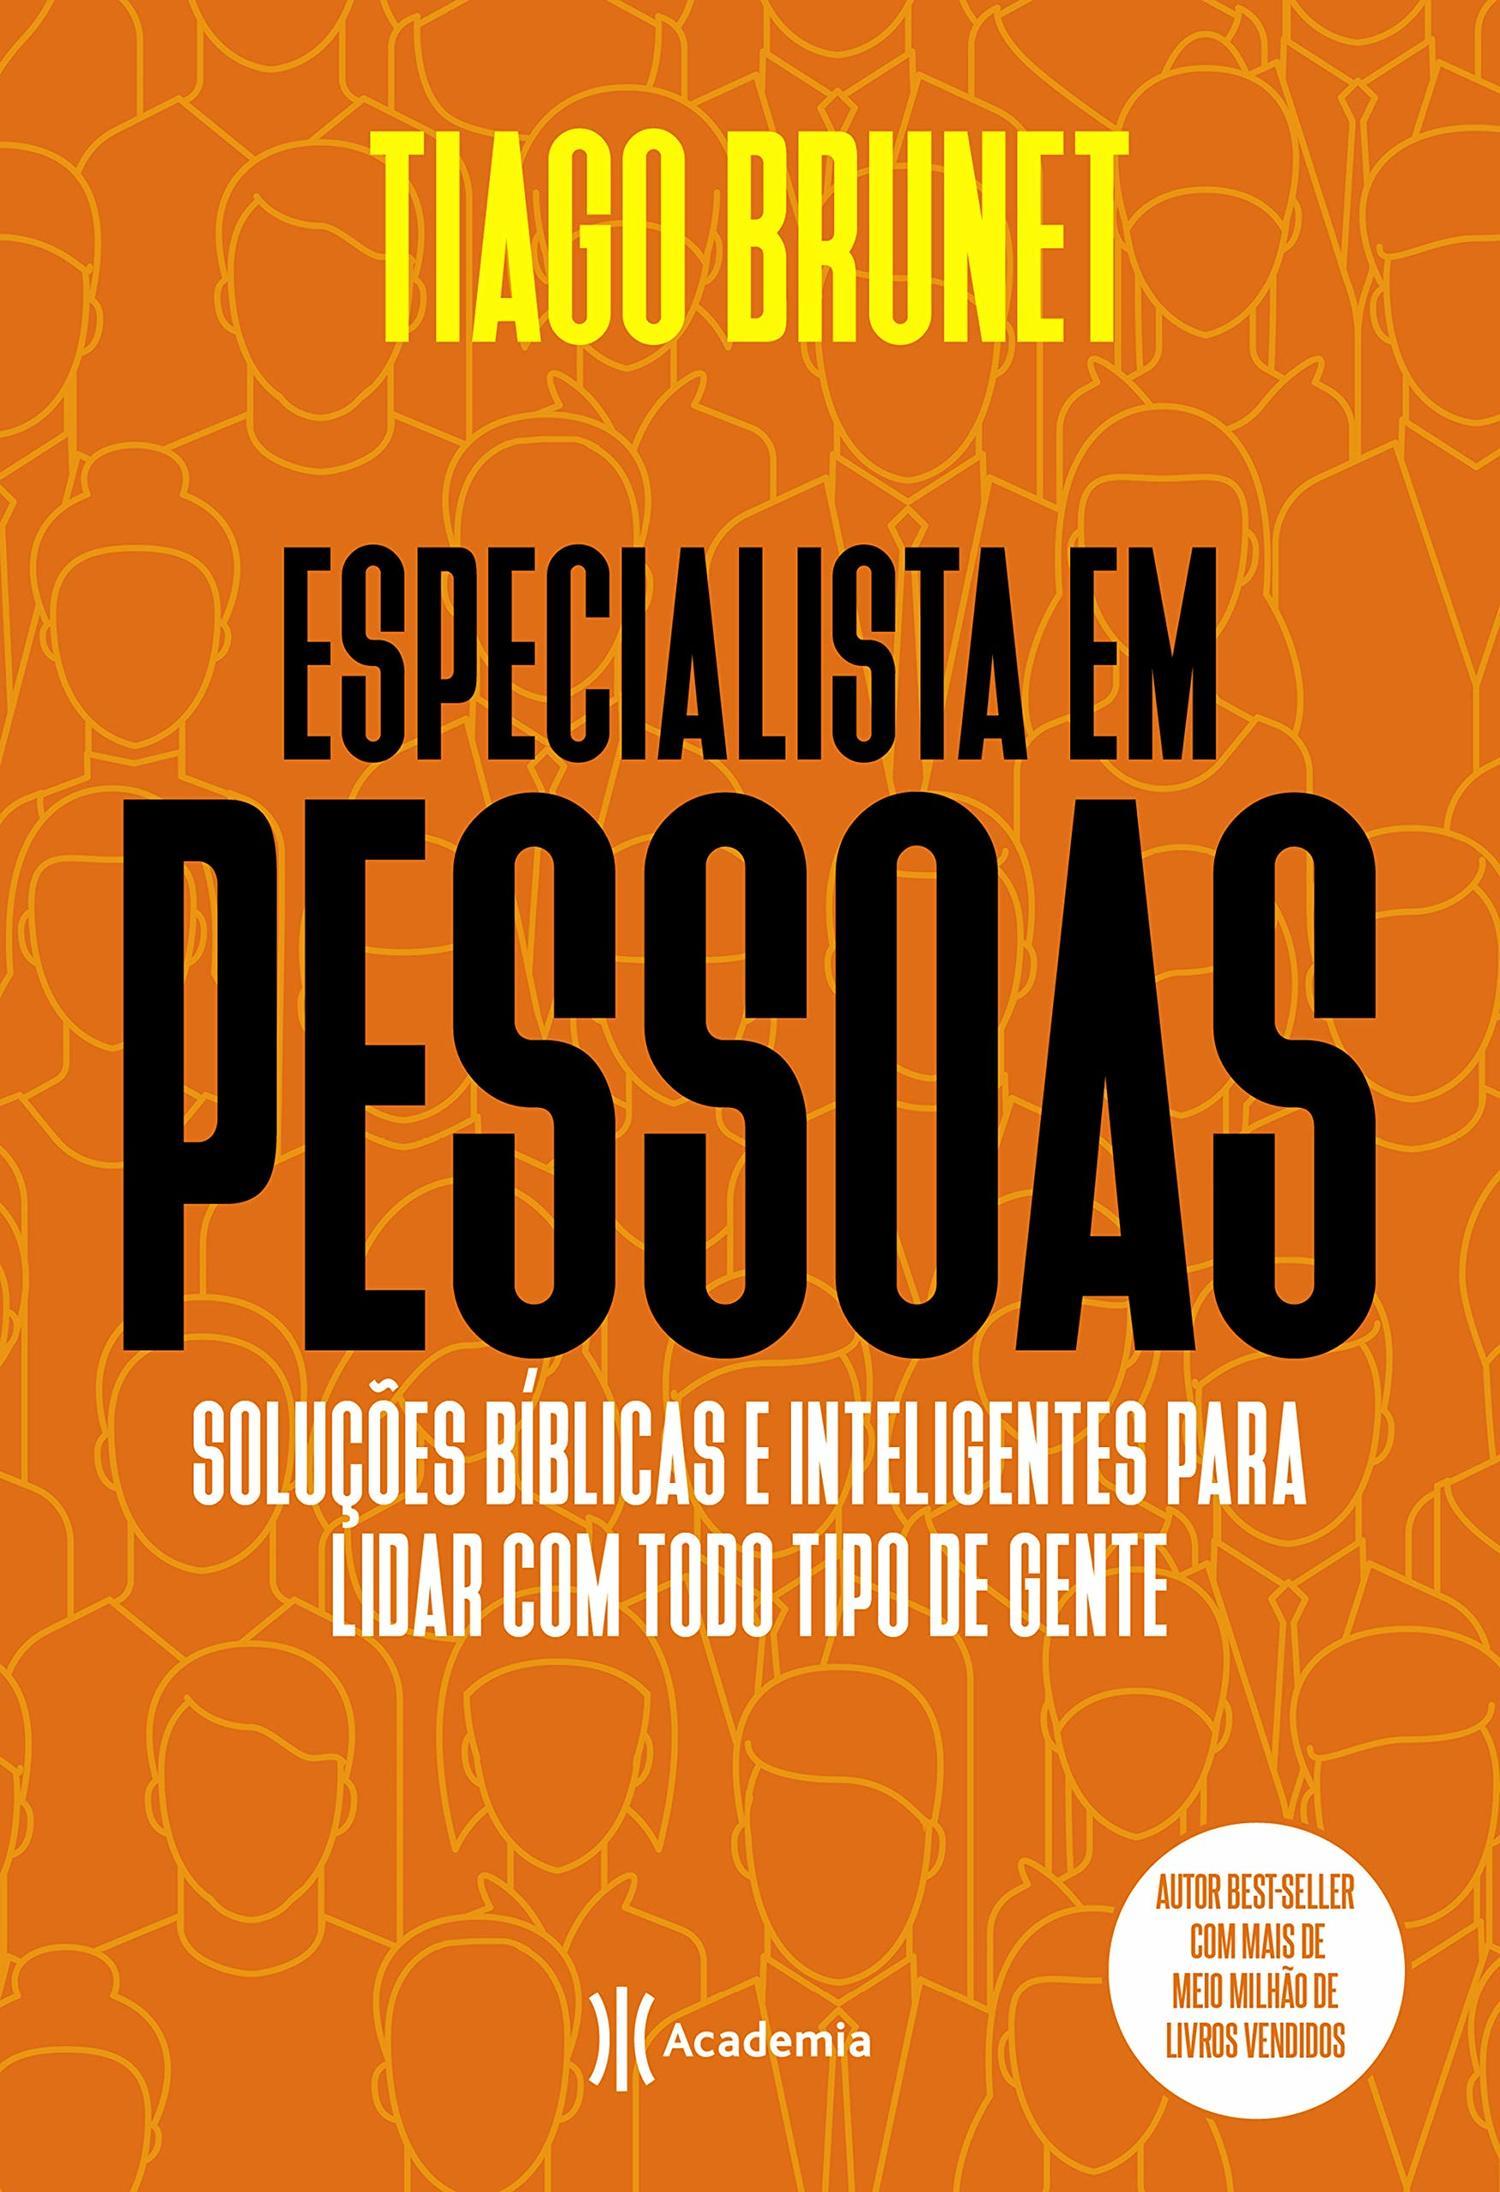 ESPECIALISTA EM PESSOAS - Soluções bíblicas e inteligentes para lidar com todo tipo de gente